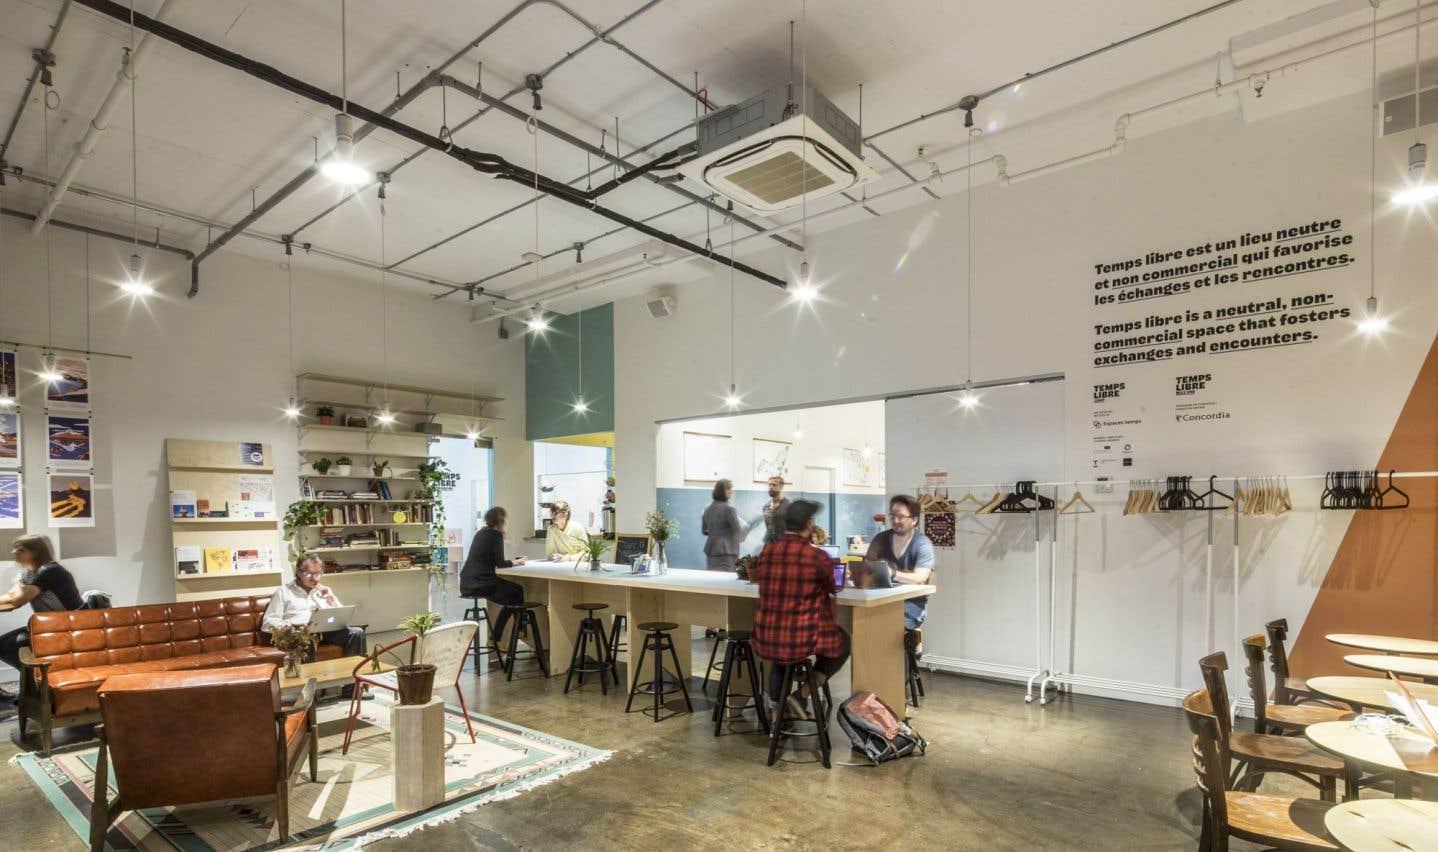 Temps libre, espace public et espace partagé de travail, est une des récentes initiatives d'Espaces temps, un incubateur de projets d'innovation sociale et culturelle.